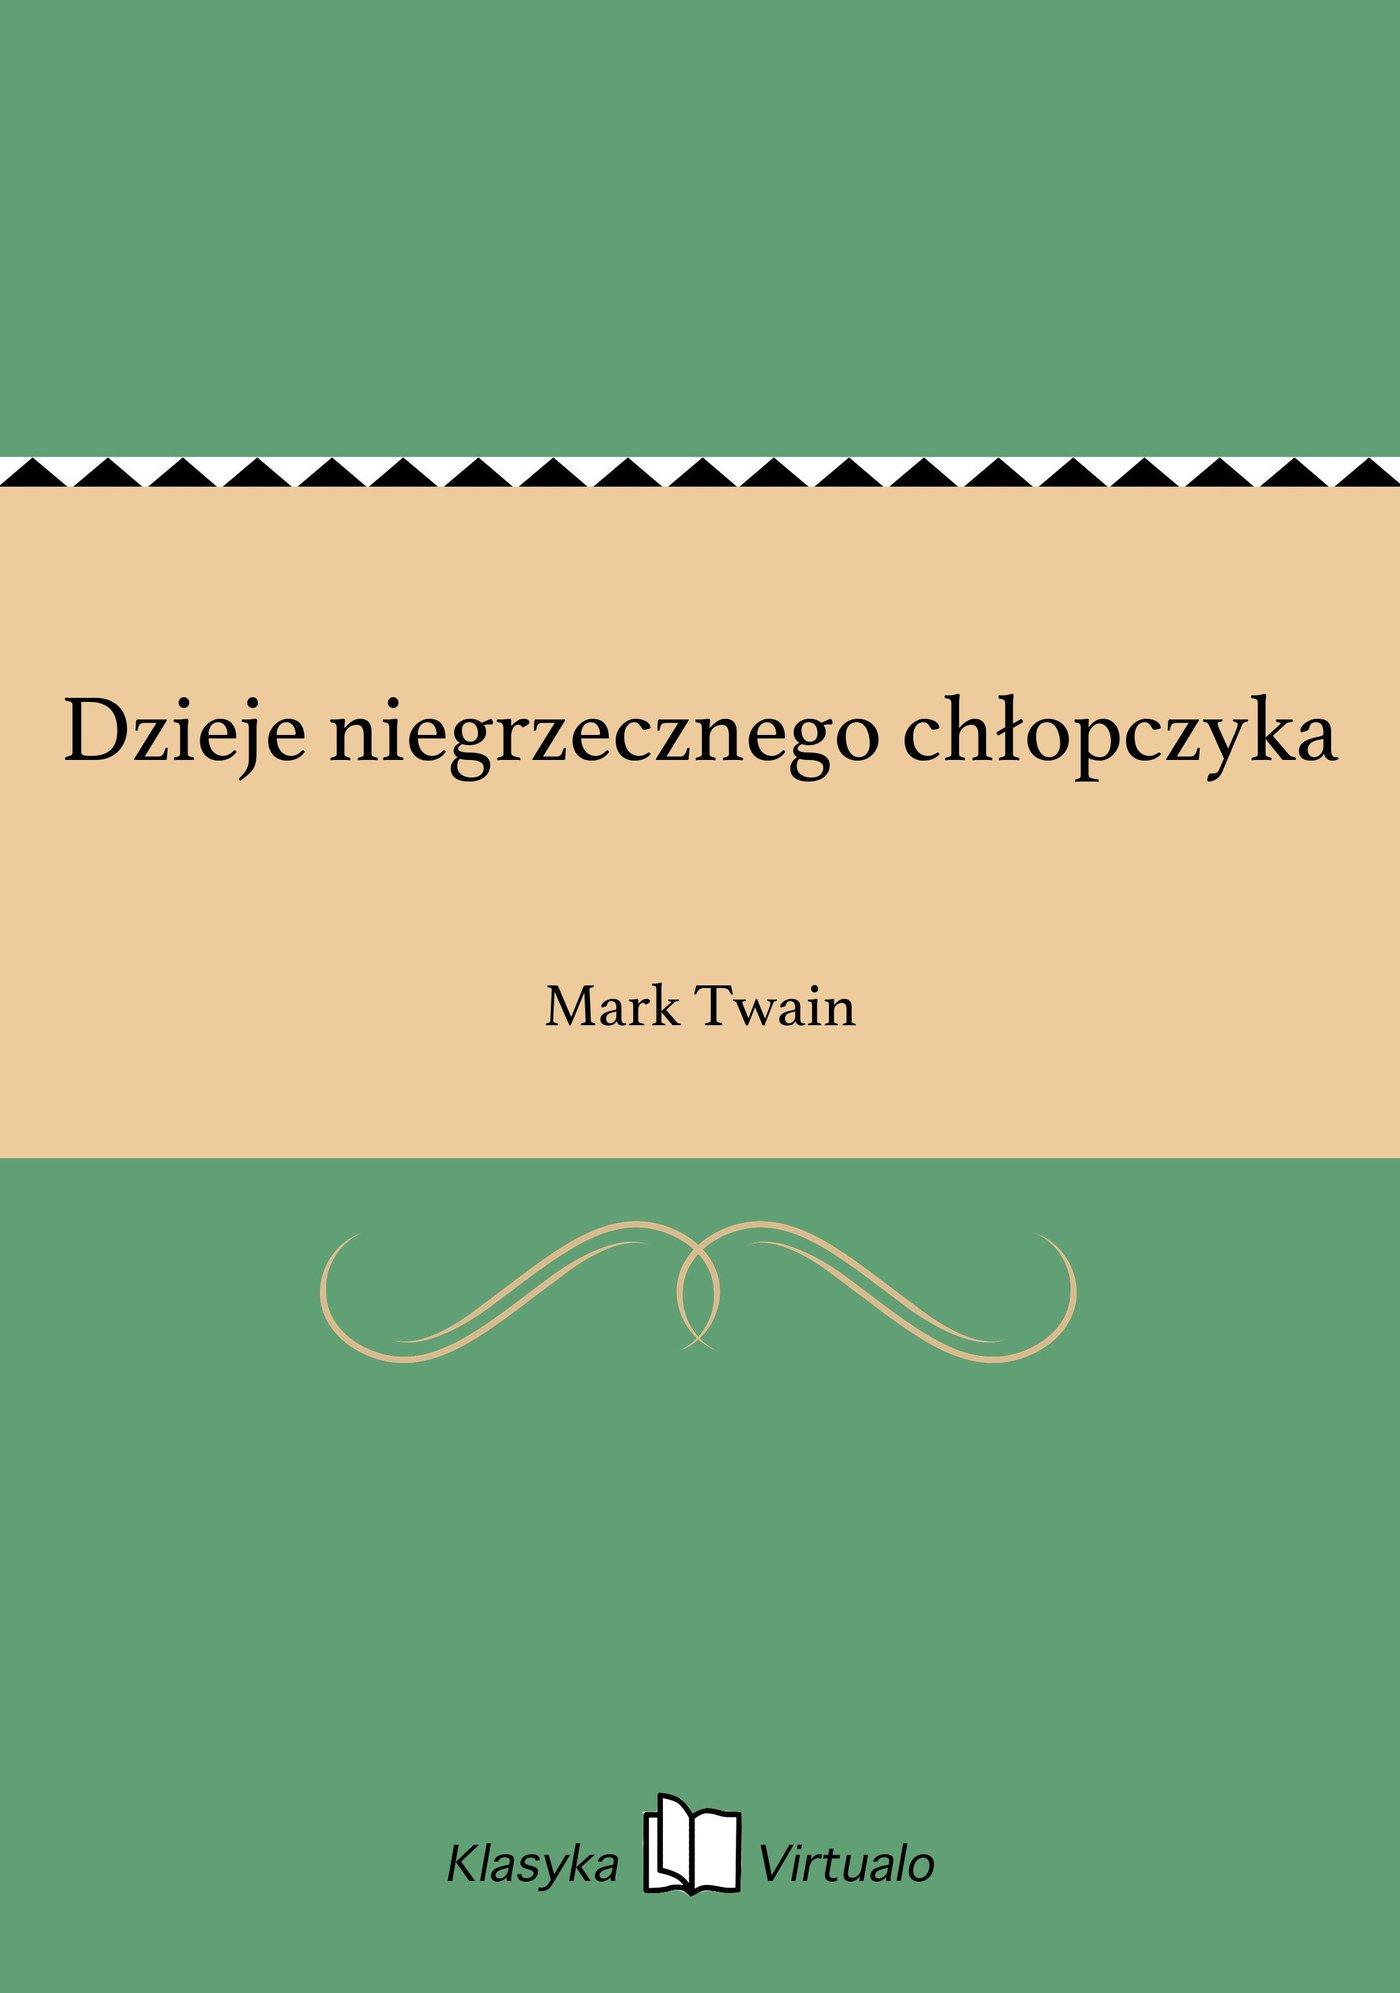 Dzieje niegrzecznego chłopczyka - Ebook (Książka EPUB) do pobrania w formacie EPUB